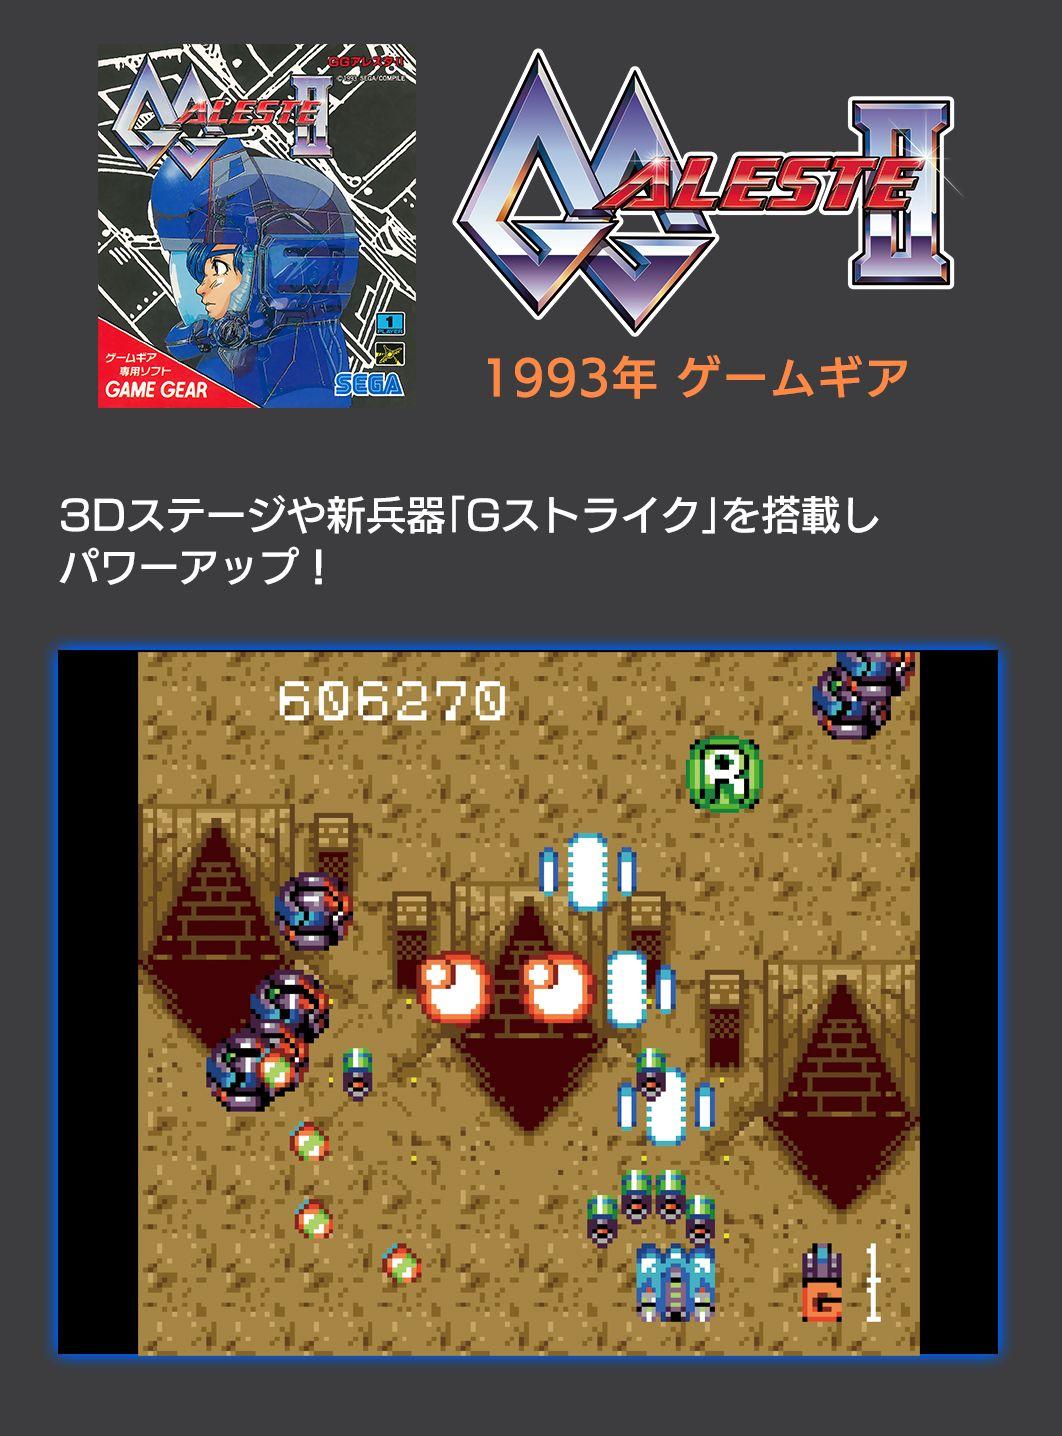 1993年に発売されたゲームギア用「GGアレスタII」。3Dステージや新兵器「Gストライク」を搭載しパワーアップしている